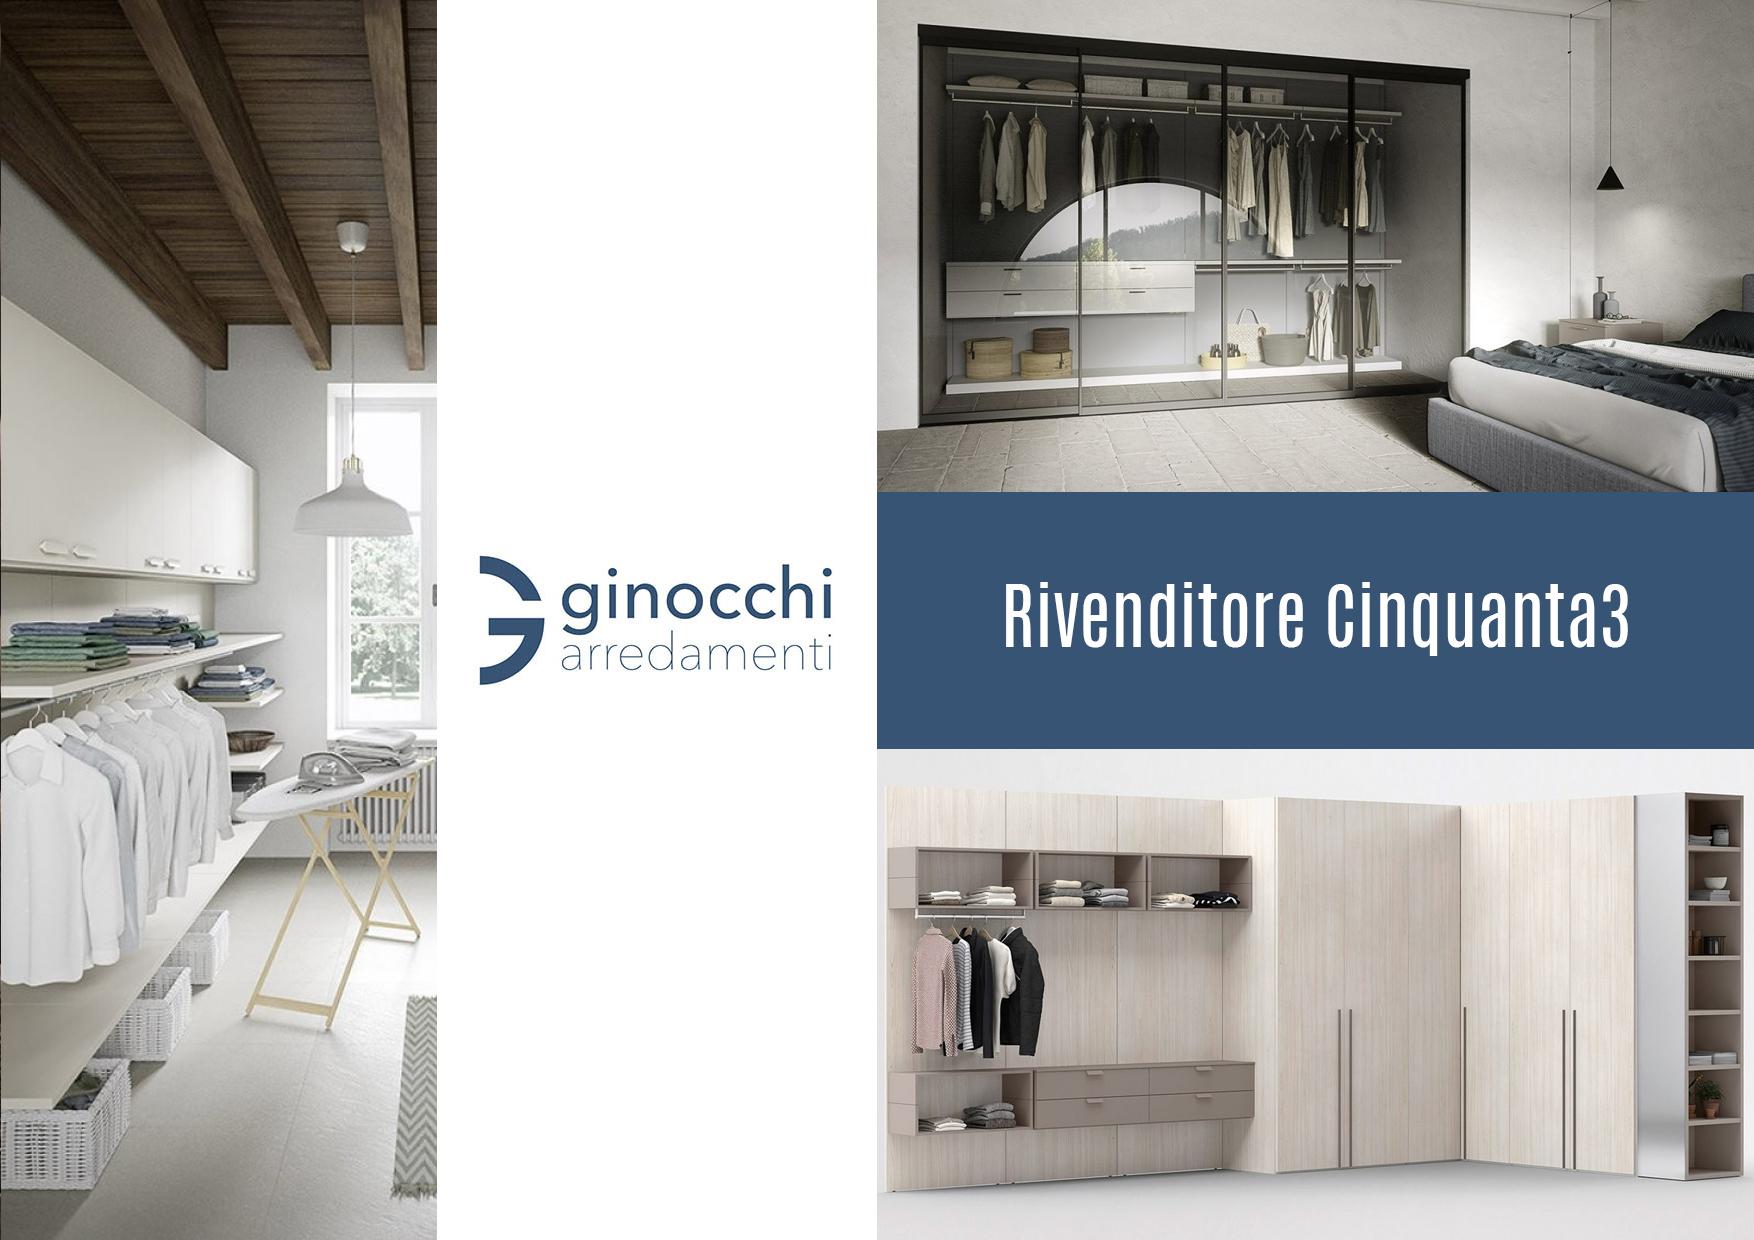 Ginocchi Arredamenti Rivenditore Cinquanta3 a Roma